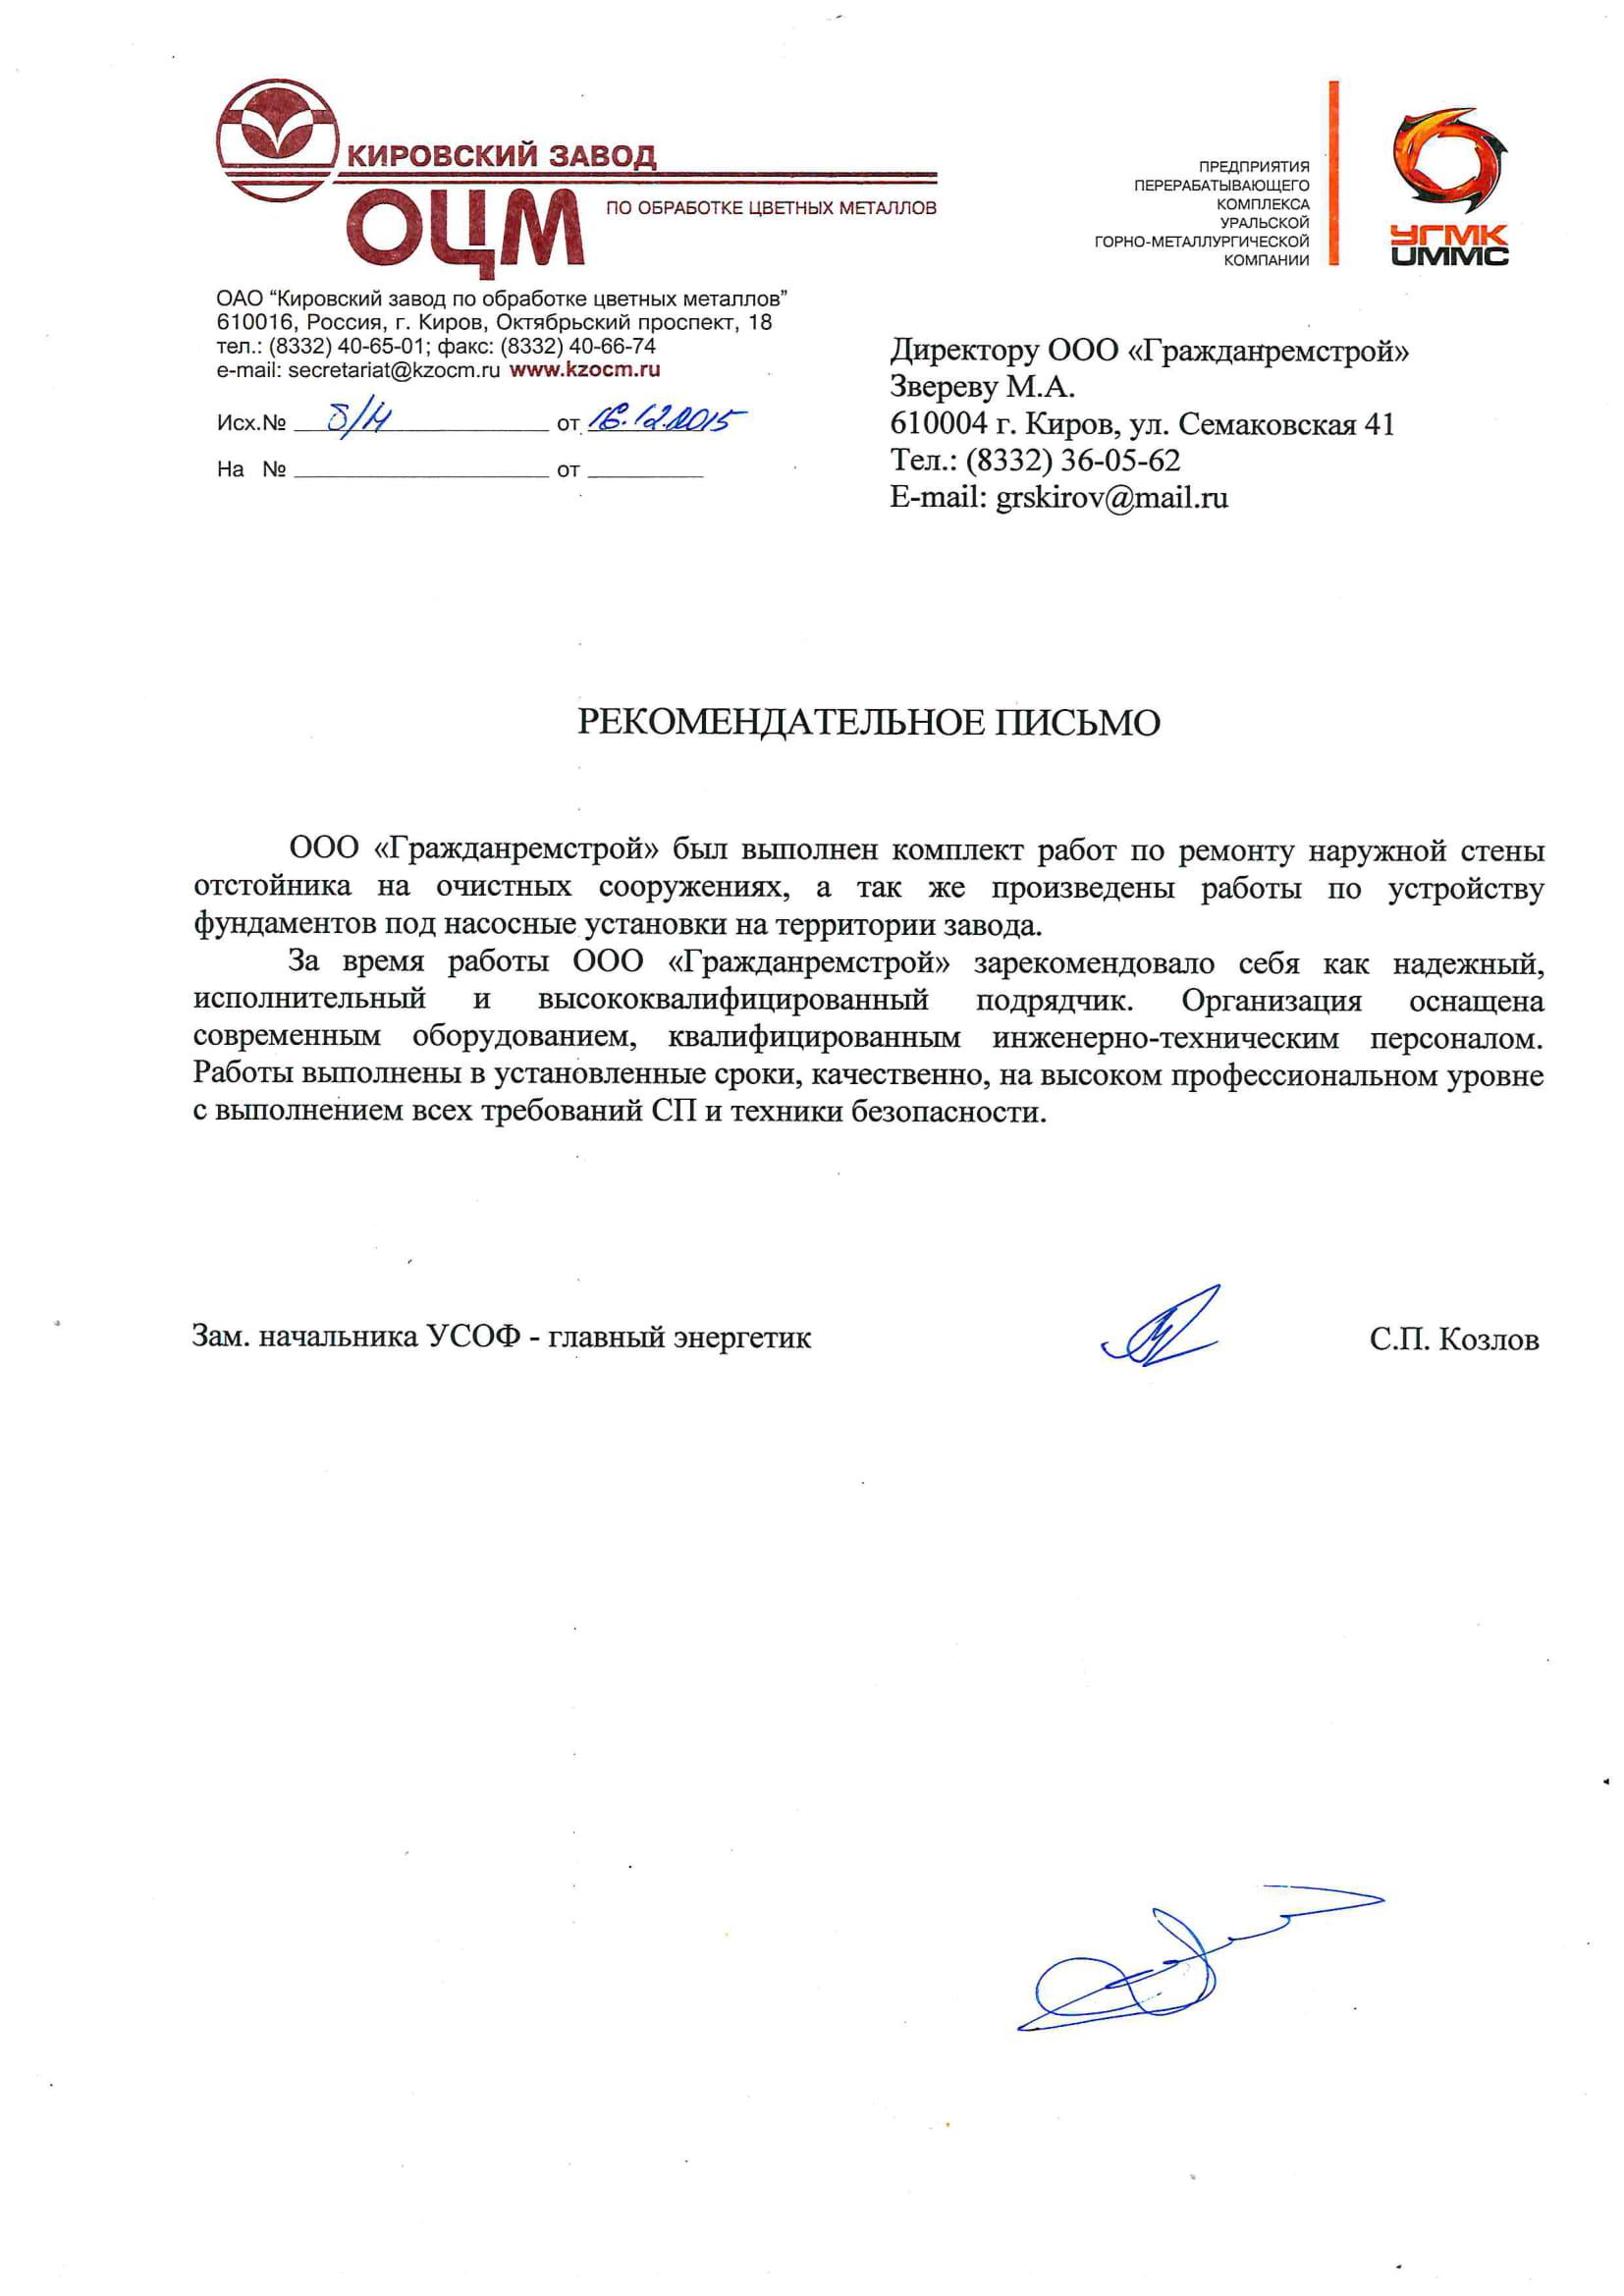 ОАО Кировский завод по обработке цветных металлов, рекомендательное письмо